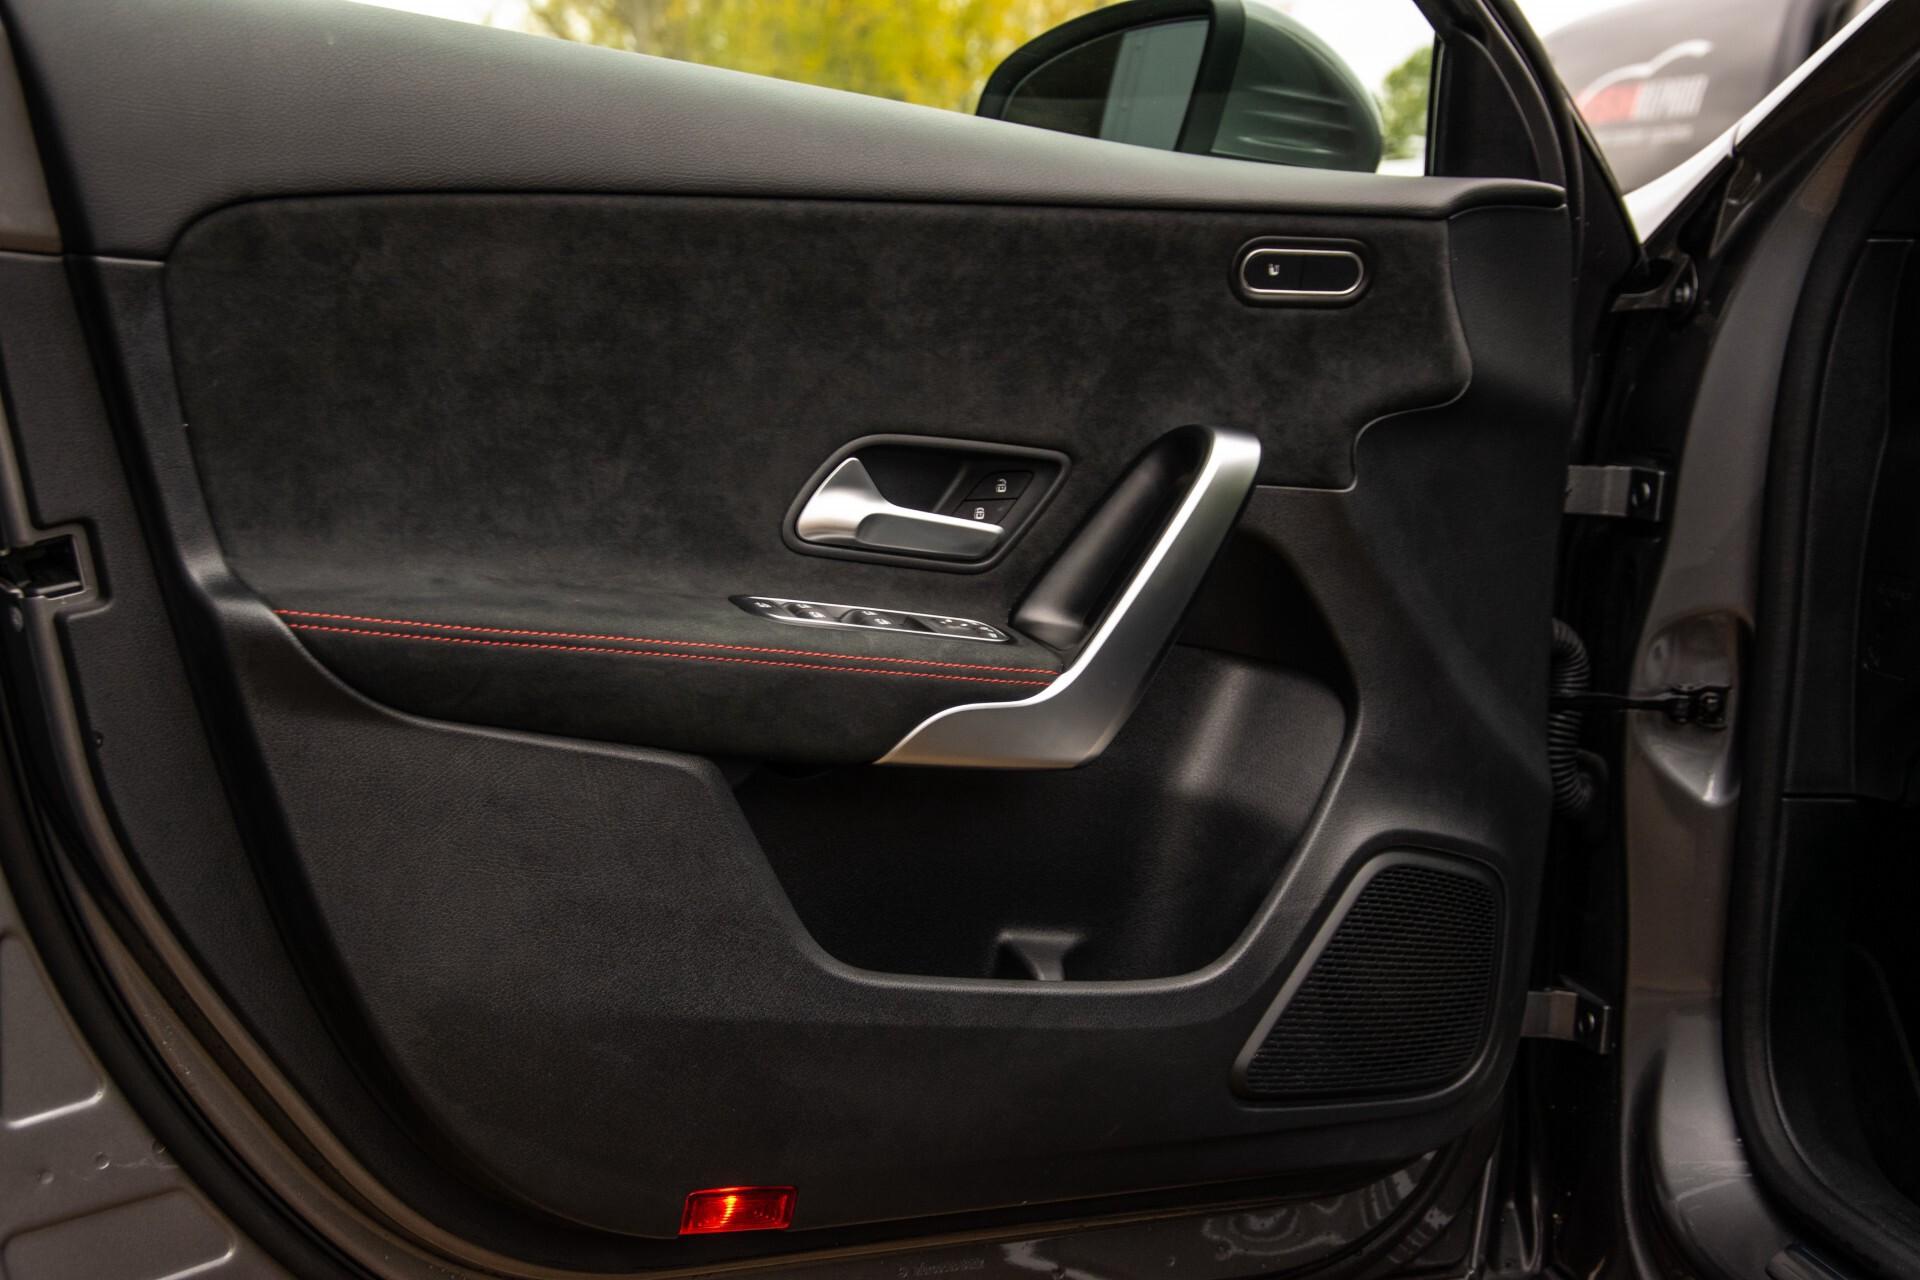 Mercedes-Benz A-Klasse 180 d AMG Panorama/MBUX/DAB/LED Aut7 Foto 28